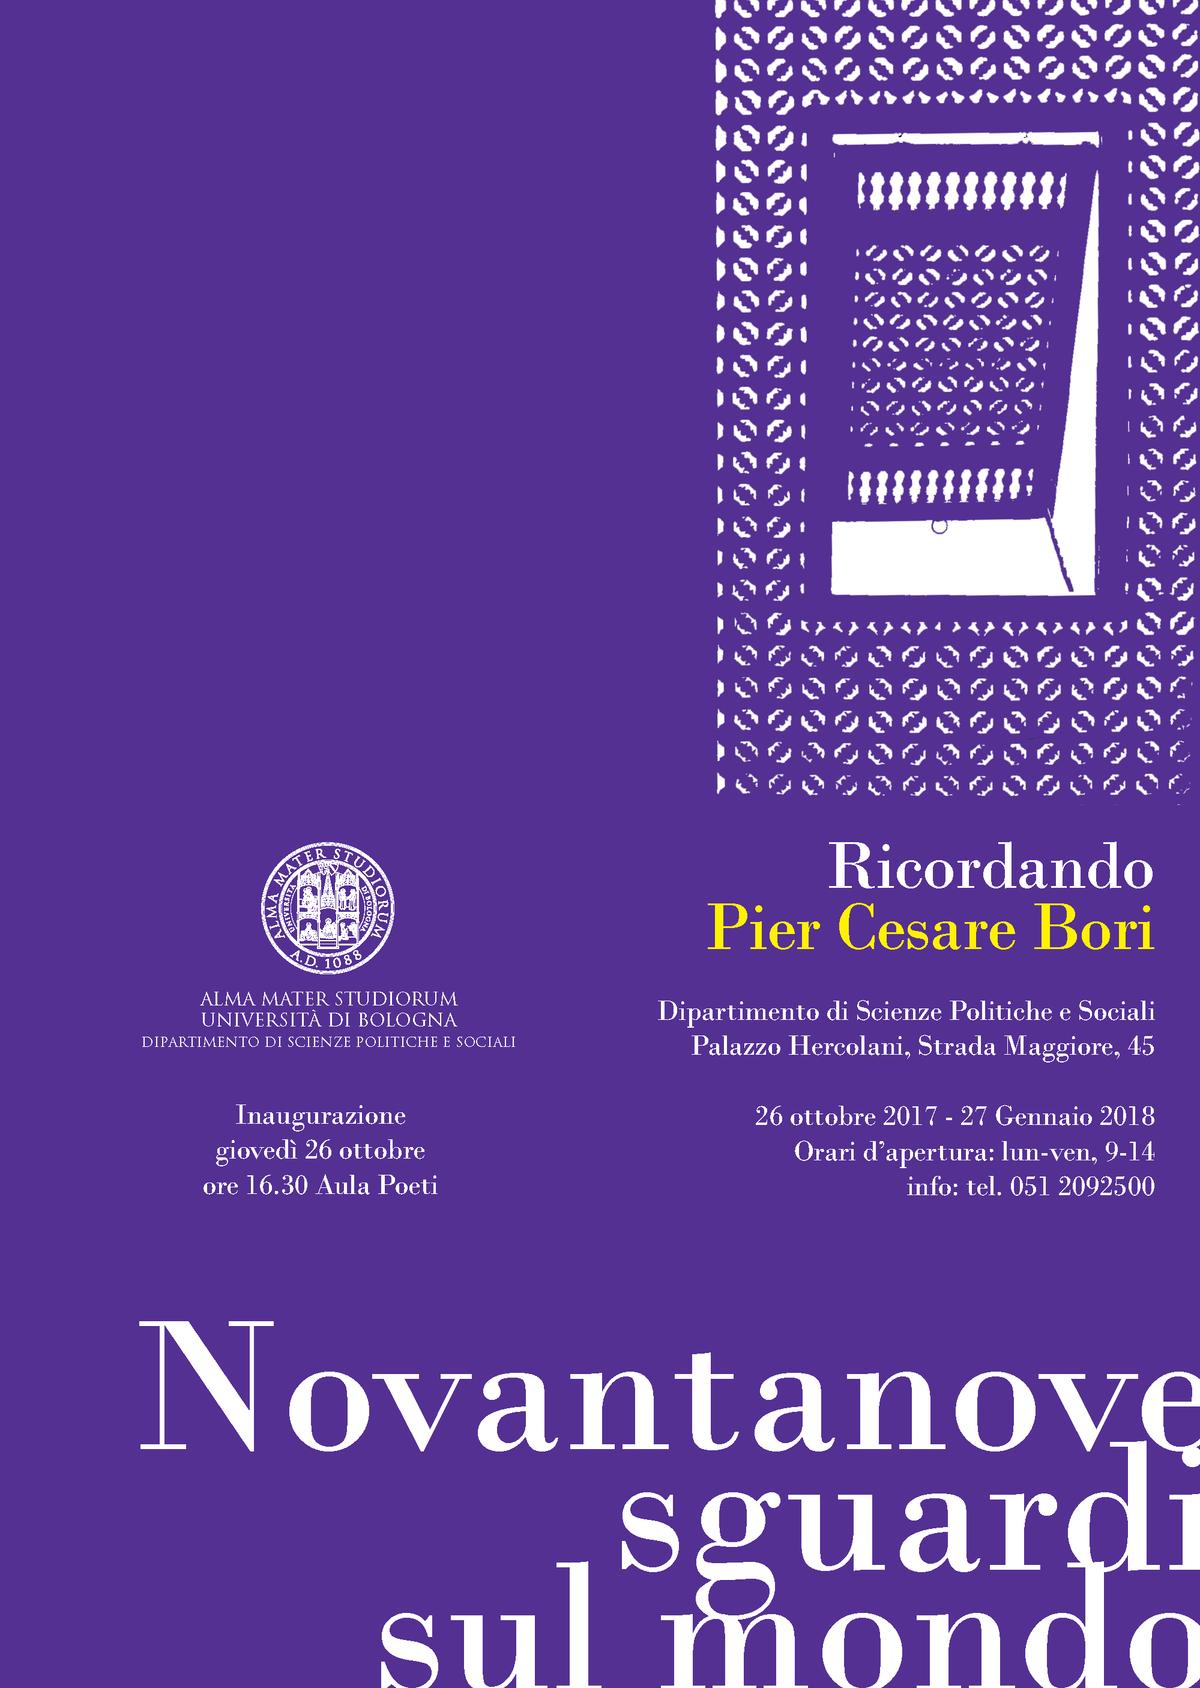 Una mostra a Bologna per ricordare Pier Cesare Bori: 99 sguardi sul mondo